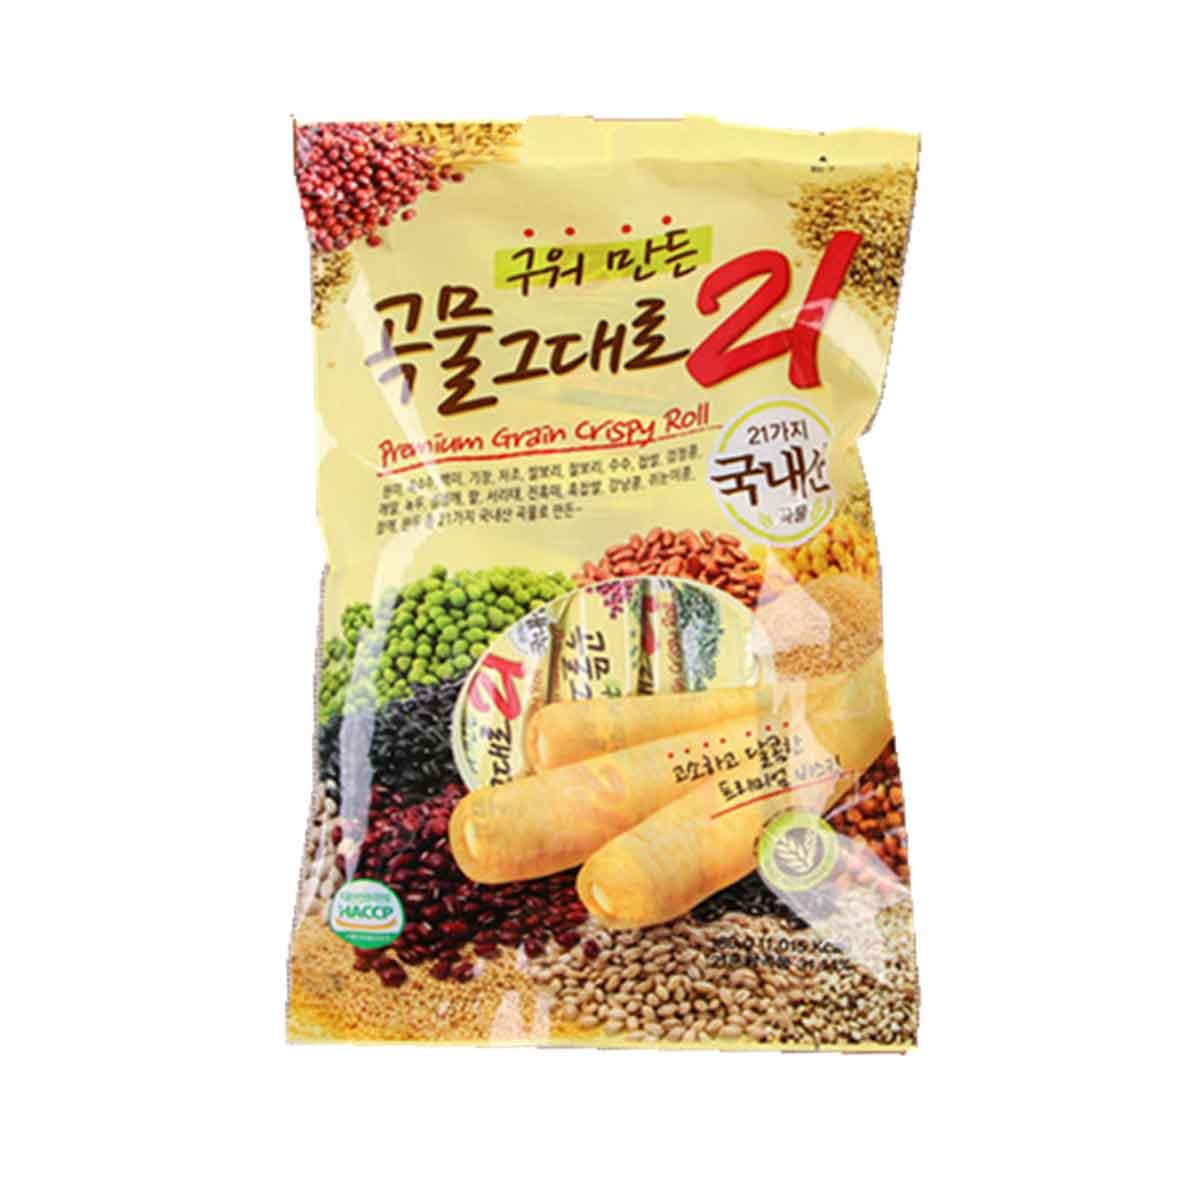 捲餅-原味 點心 韓國製造進口